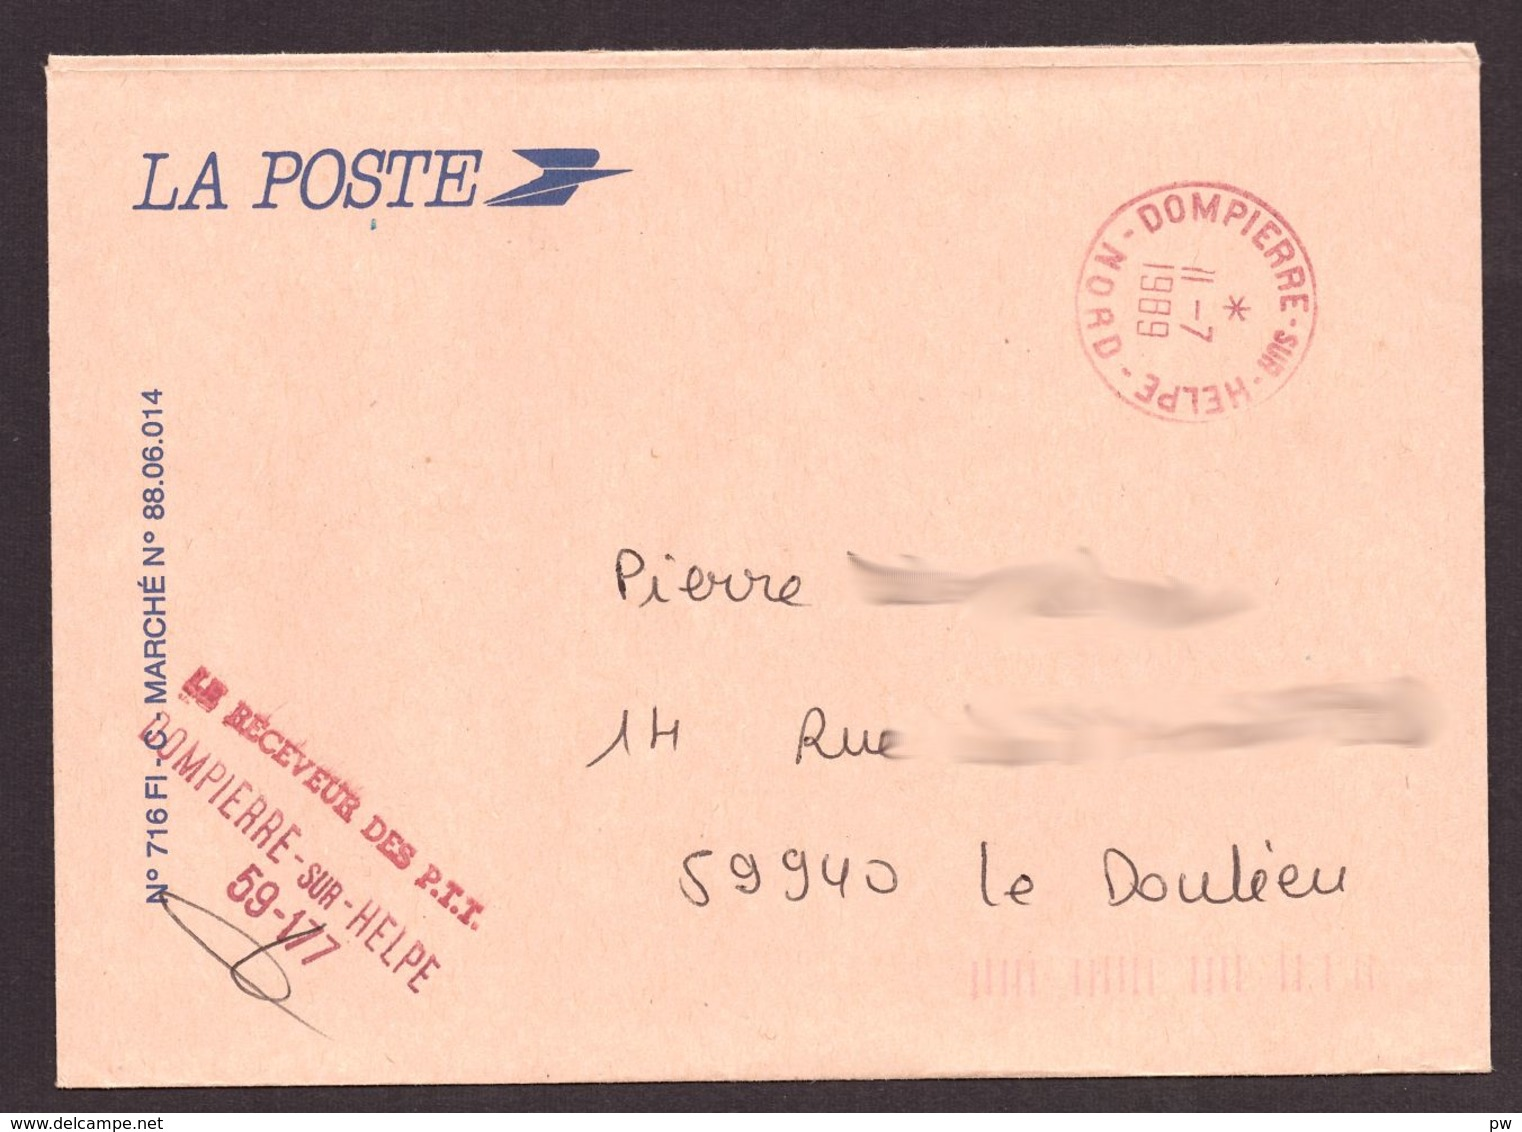 FRANCE '59 DOMPIERRE SUR HELPE' 1989  1 MARQUE POSTALE - 1961-....